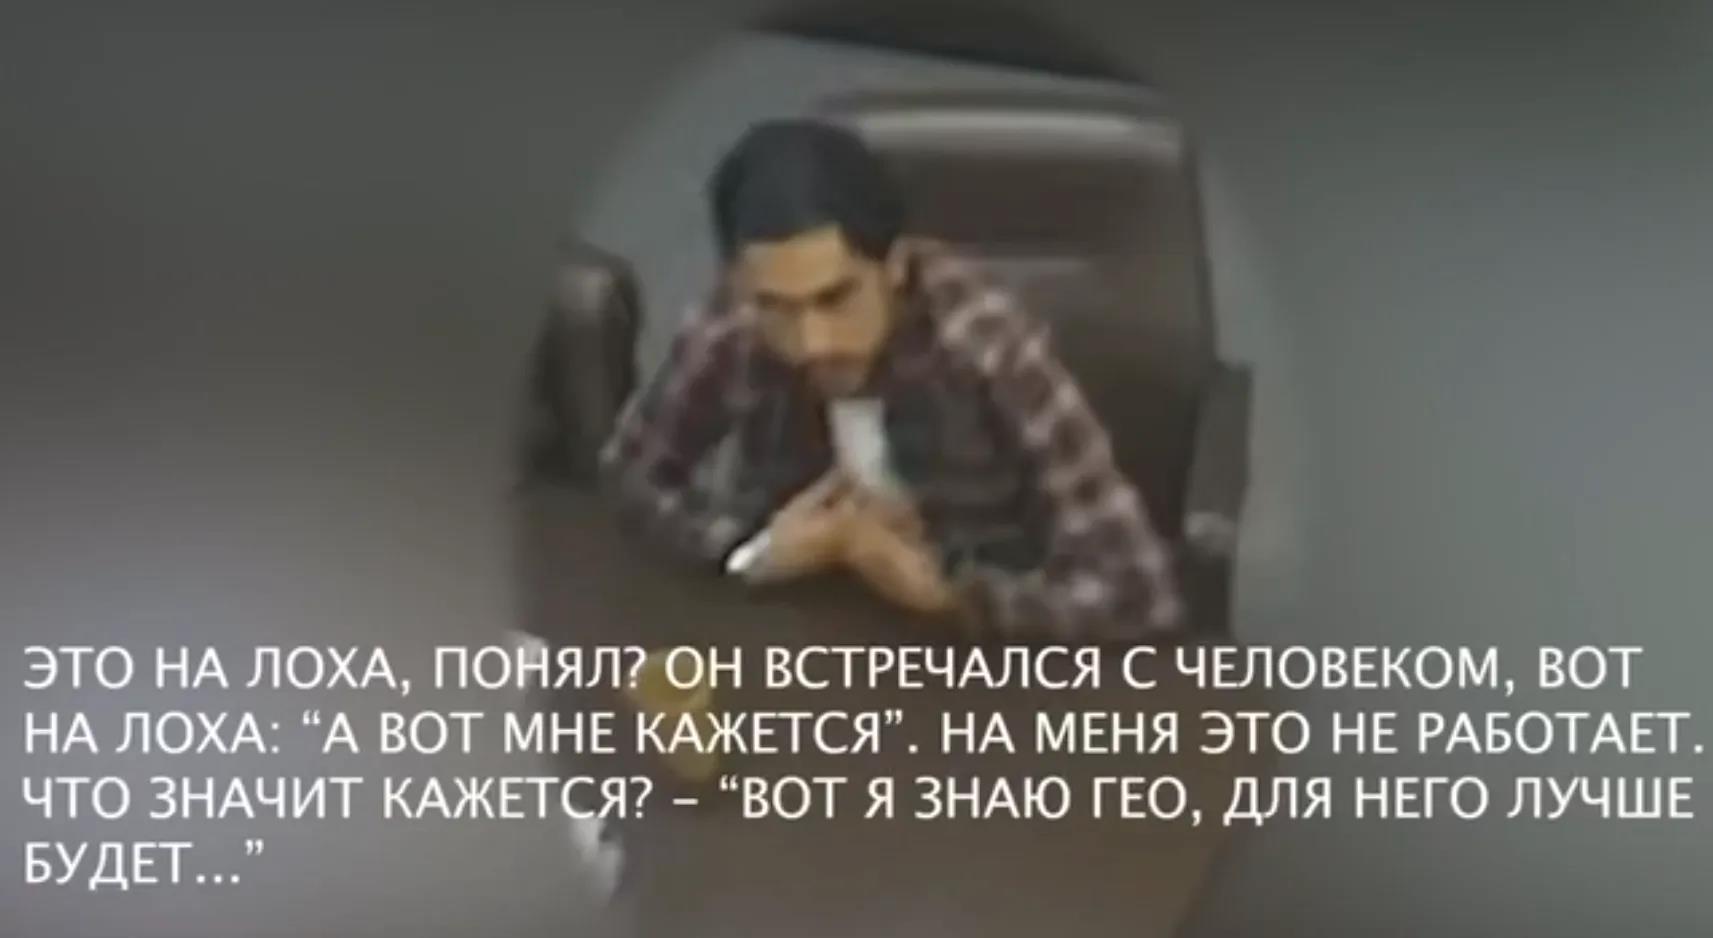 Гео Лерос мог получить $10 тысяч за информатаку на депутата Киеврады, - СМИ - фото 3